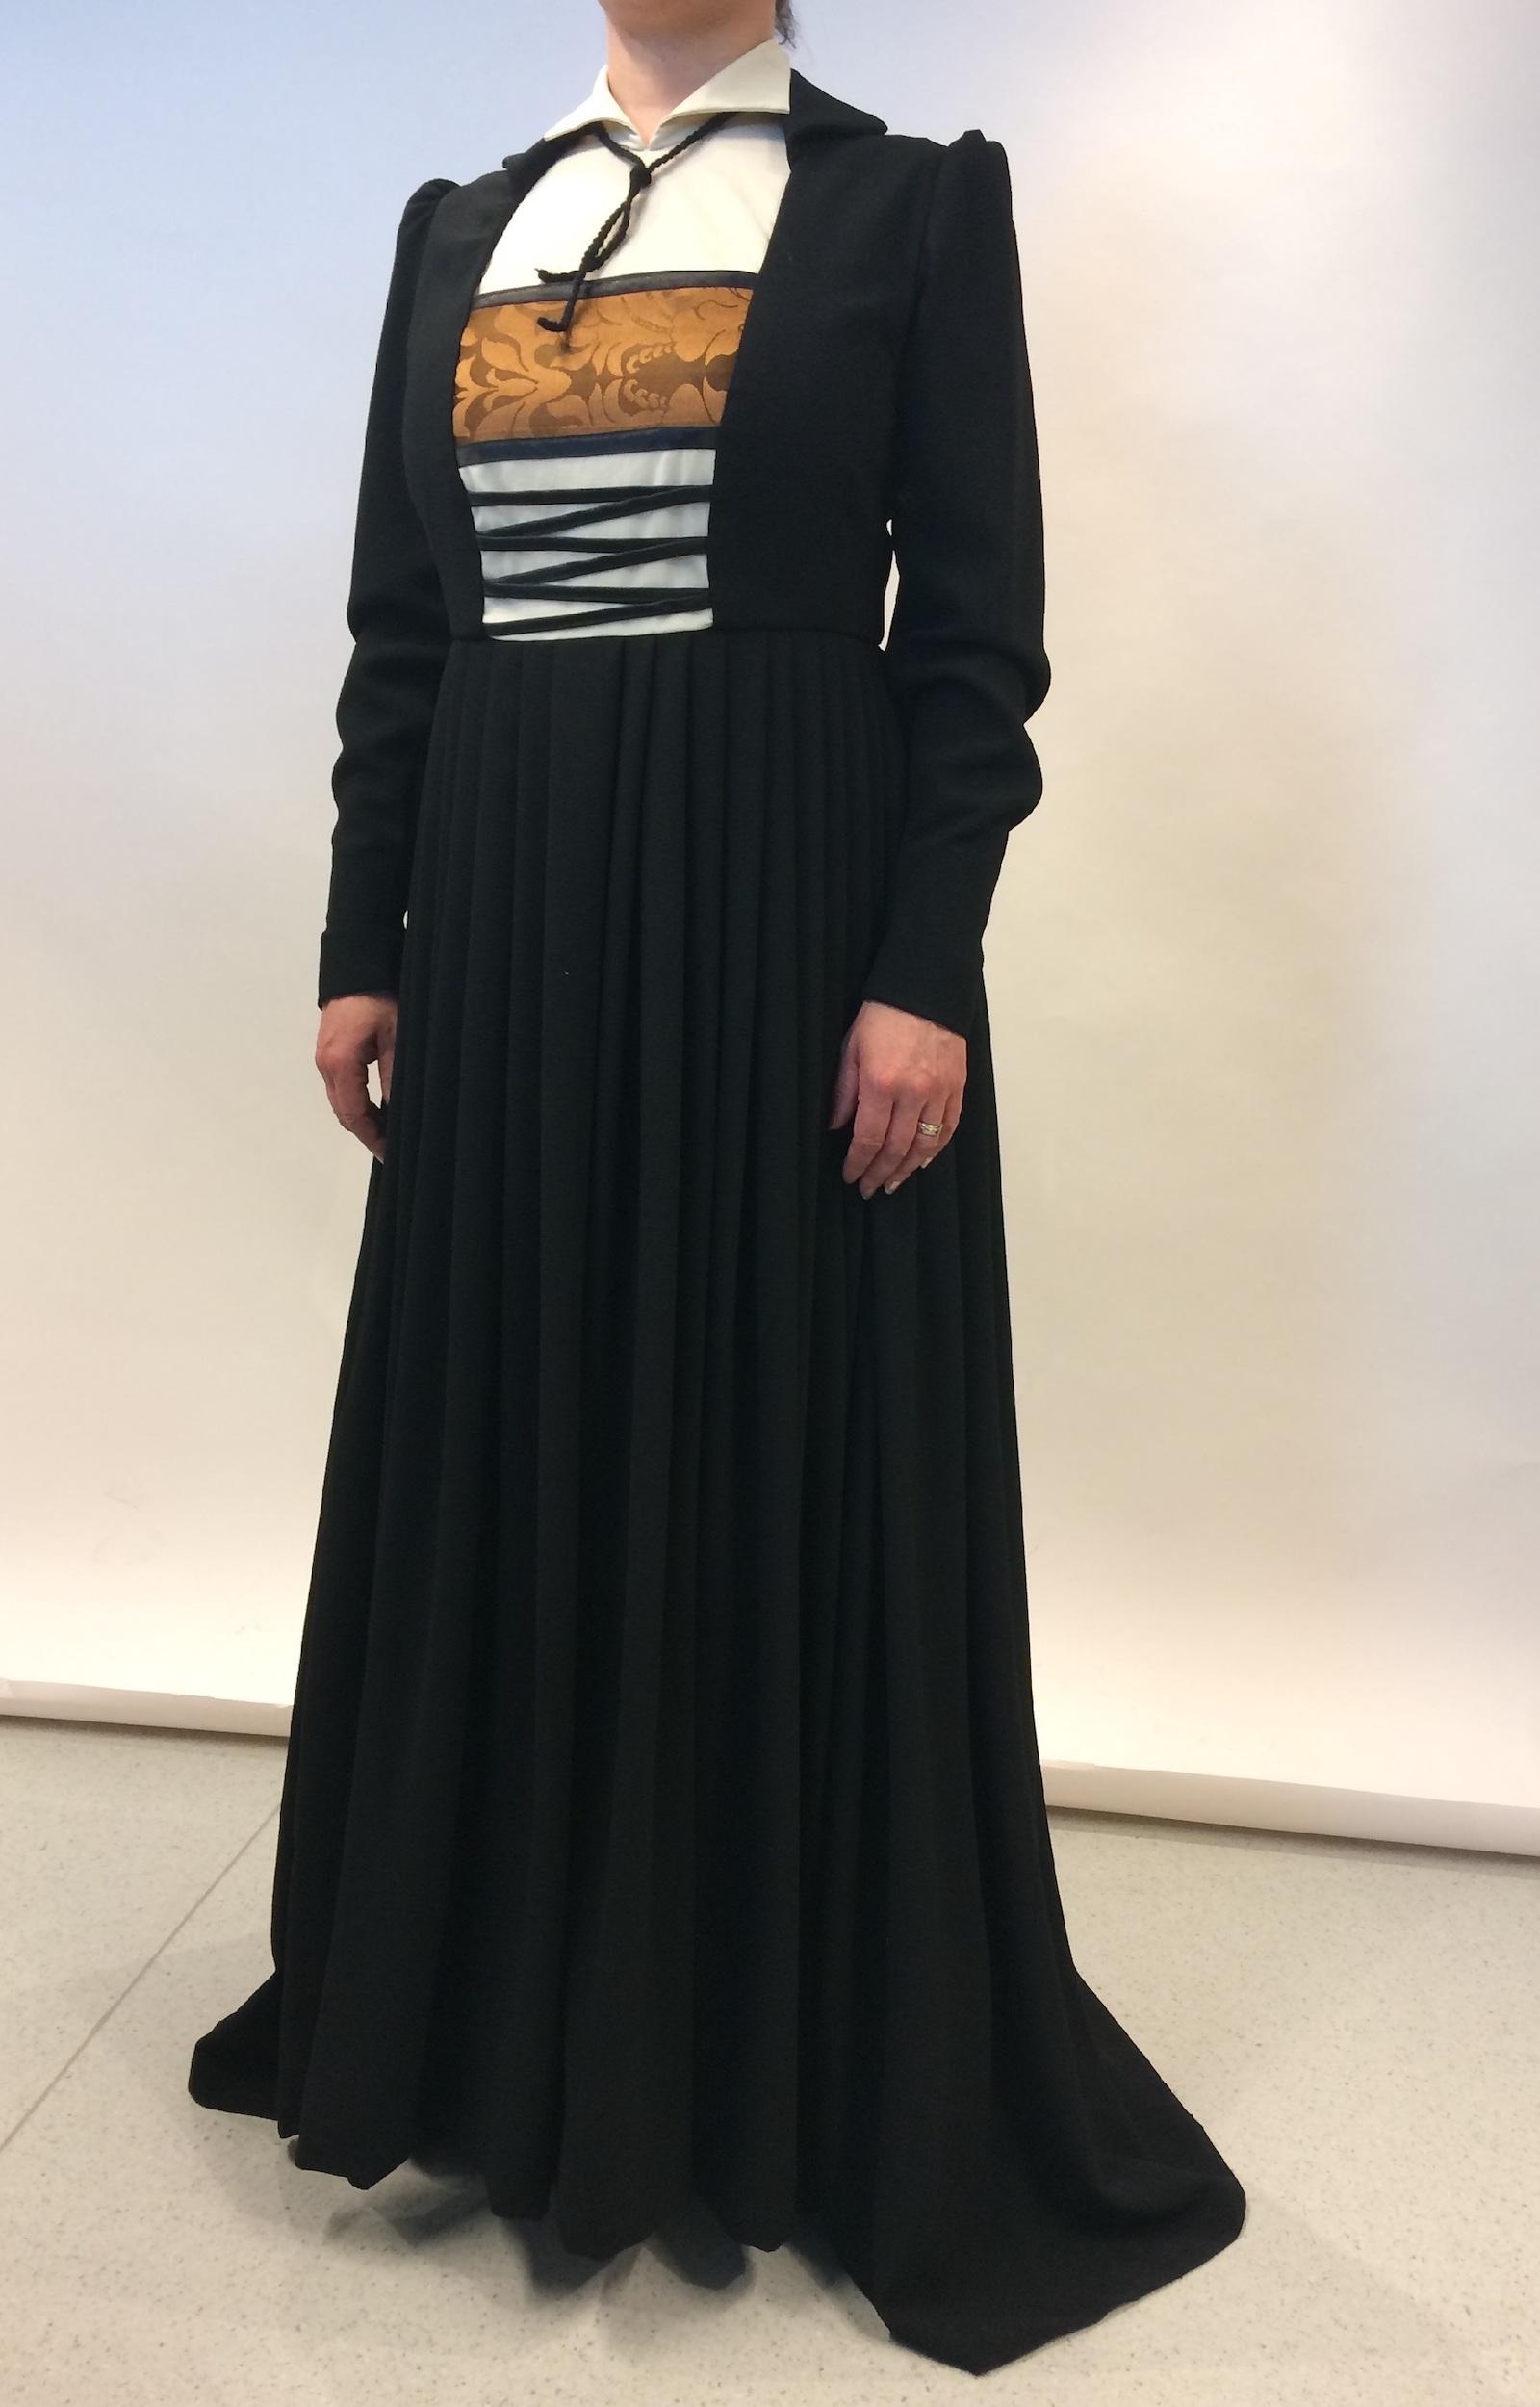 Urkuyö ja Aaria -festivaalin vuoden 2017 Luther -oopperan Katharina von Boran puku. Ooppera sijoittuu keskiajalle Saksan Wittenbergiin 1500-luvulle.